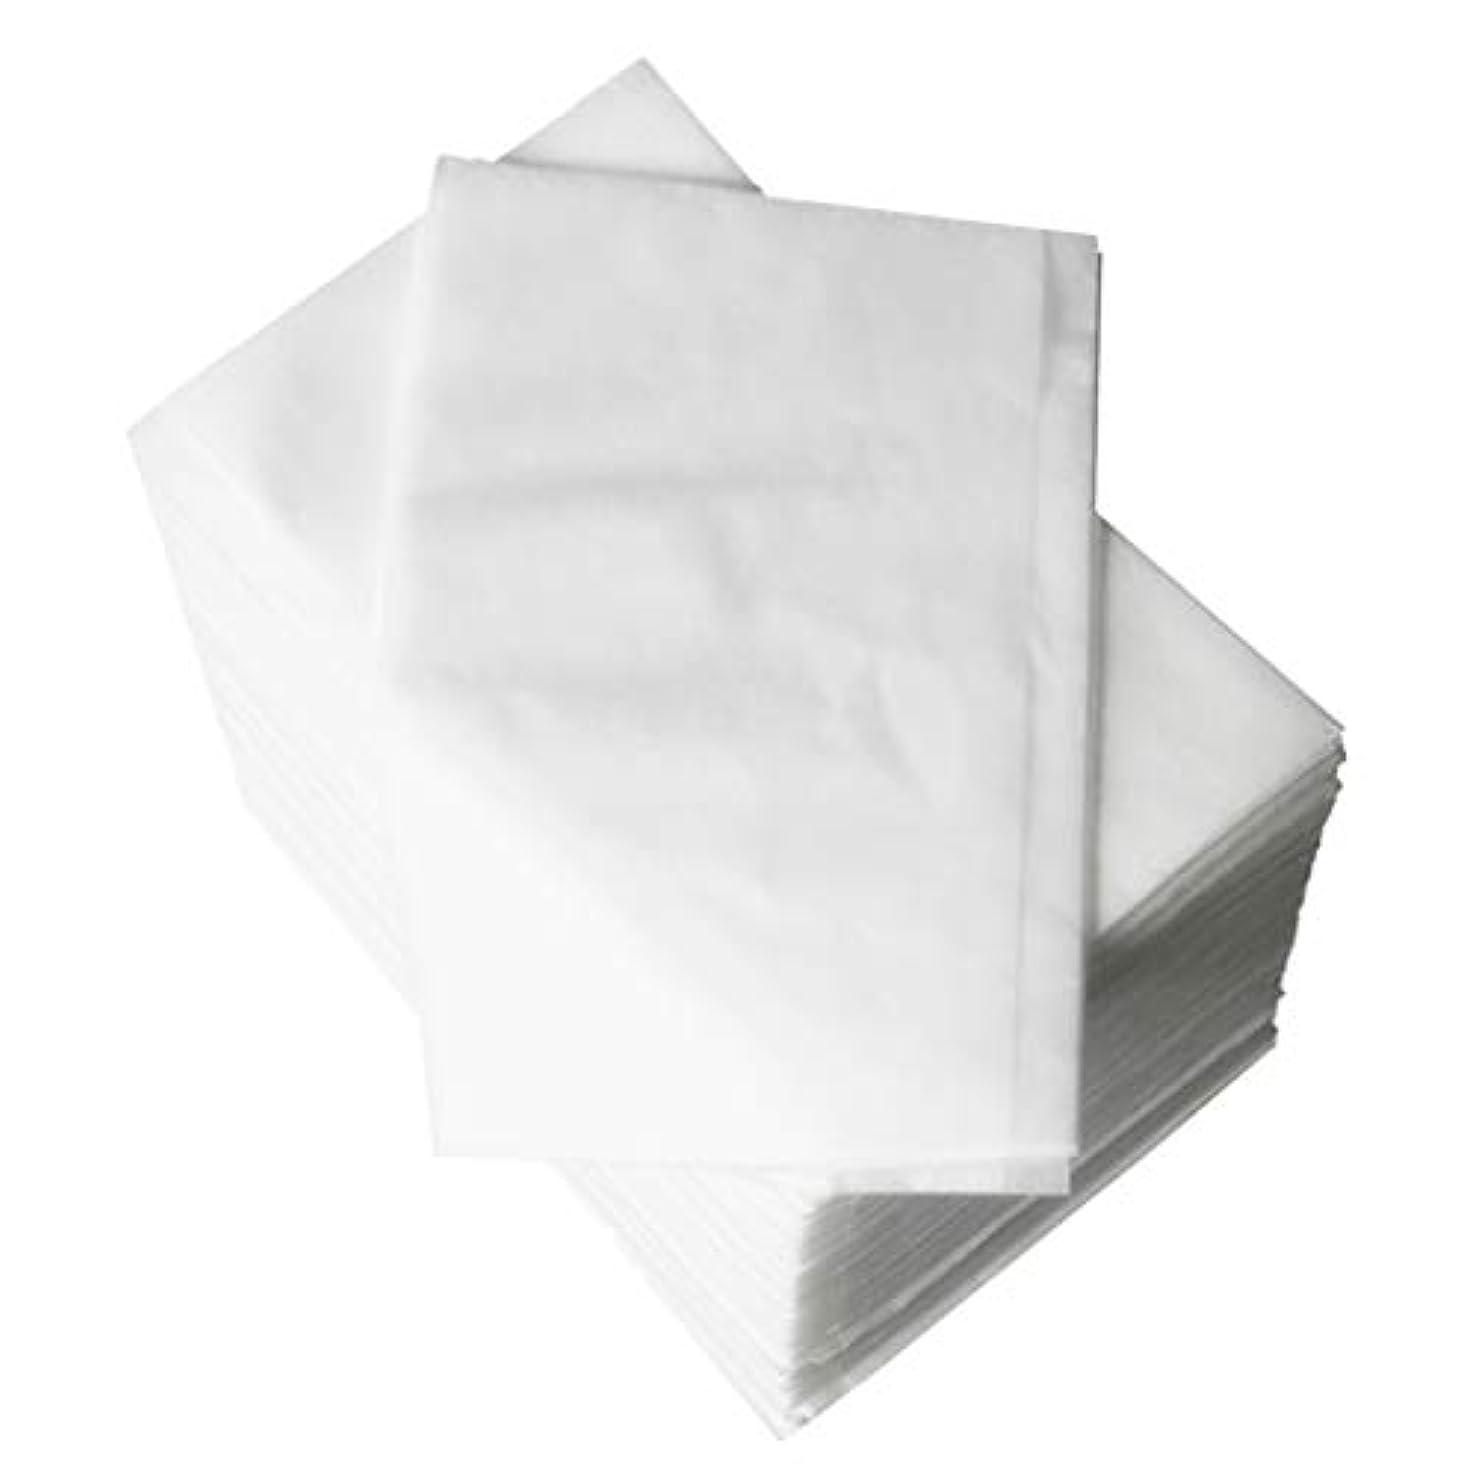 苗損なう失うP Prettyia 使い捨てベッドシーツ 美容シーツ 約80 x 180 cm 約100個 全2色 - 白